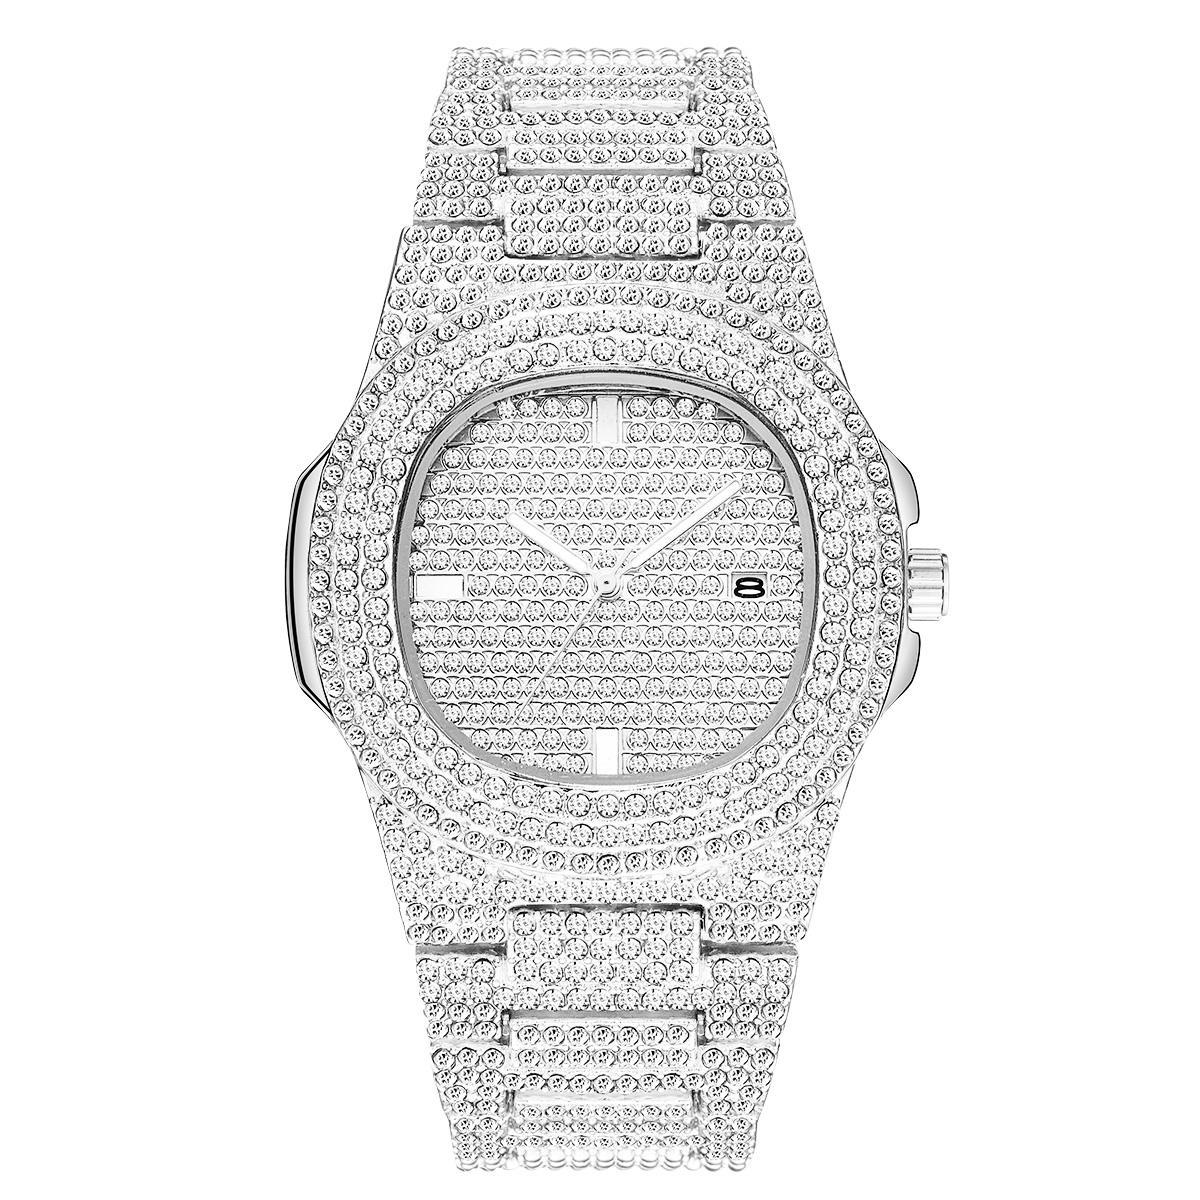 الجملة الرخيصة الأزياء الرجال النساء ووتش الماس يثلج خارجا مصمم الساعات الفولاذ المقاوم للصدأ حركة كوارتز ذكر أنثى هدية بلينغ ساعة اليد